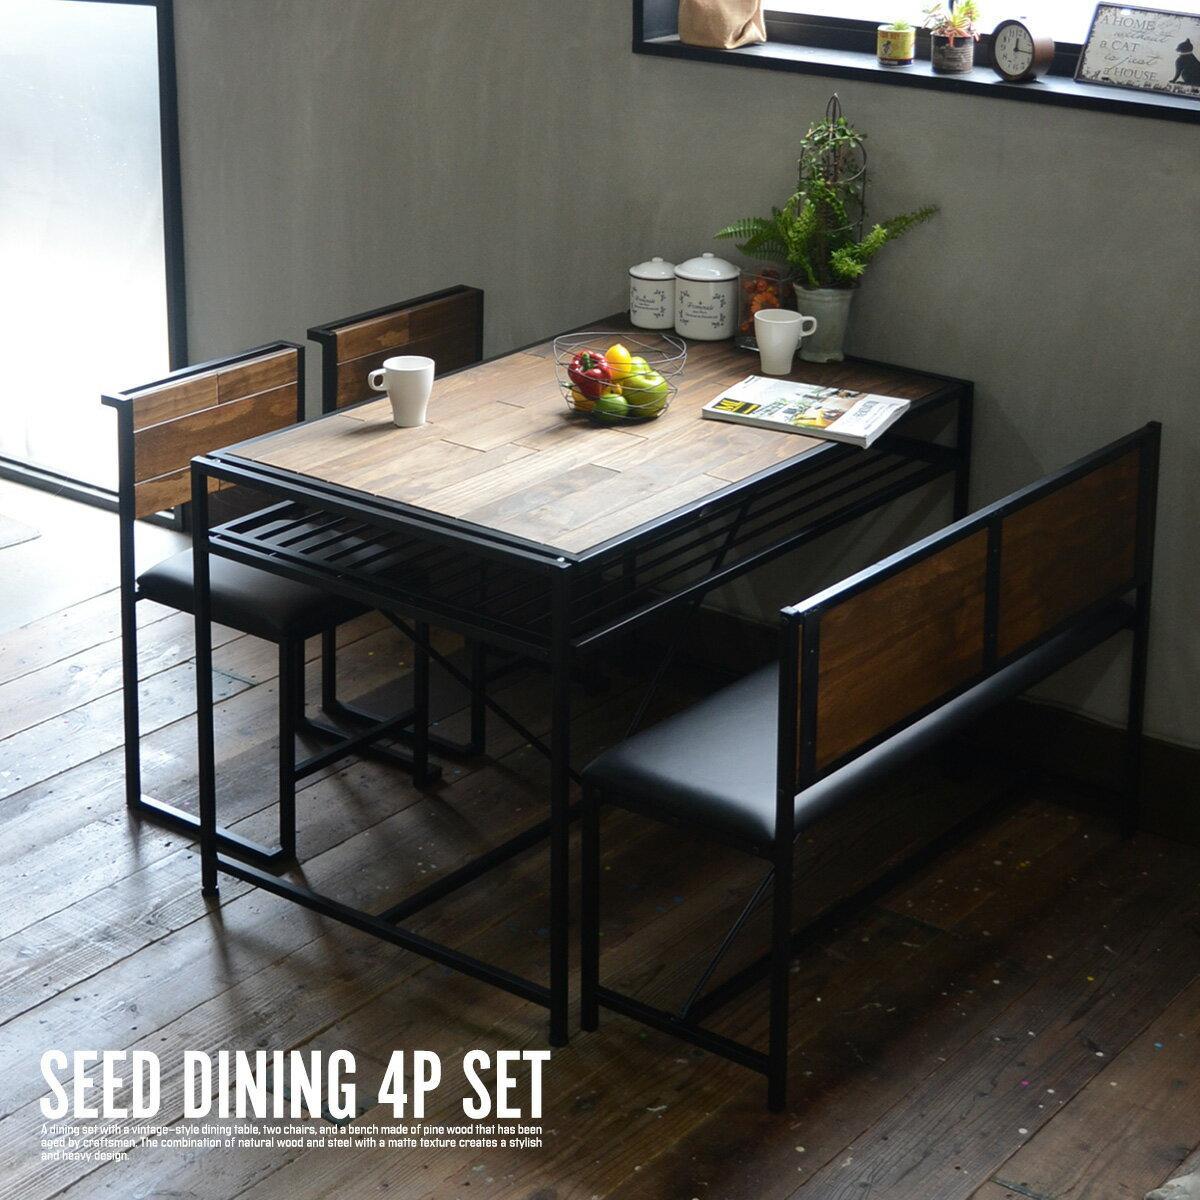 ダイニングセット ダイニングテーブル 4点セット SEED シード ダイニングテーブルセット 幅120 シンプル おしゃれ アイアン 男前 ブルックリン 北欧